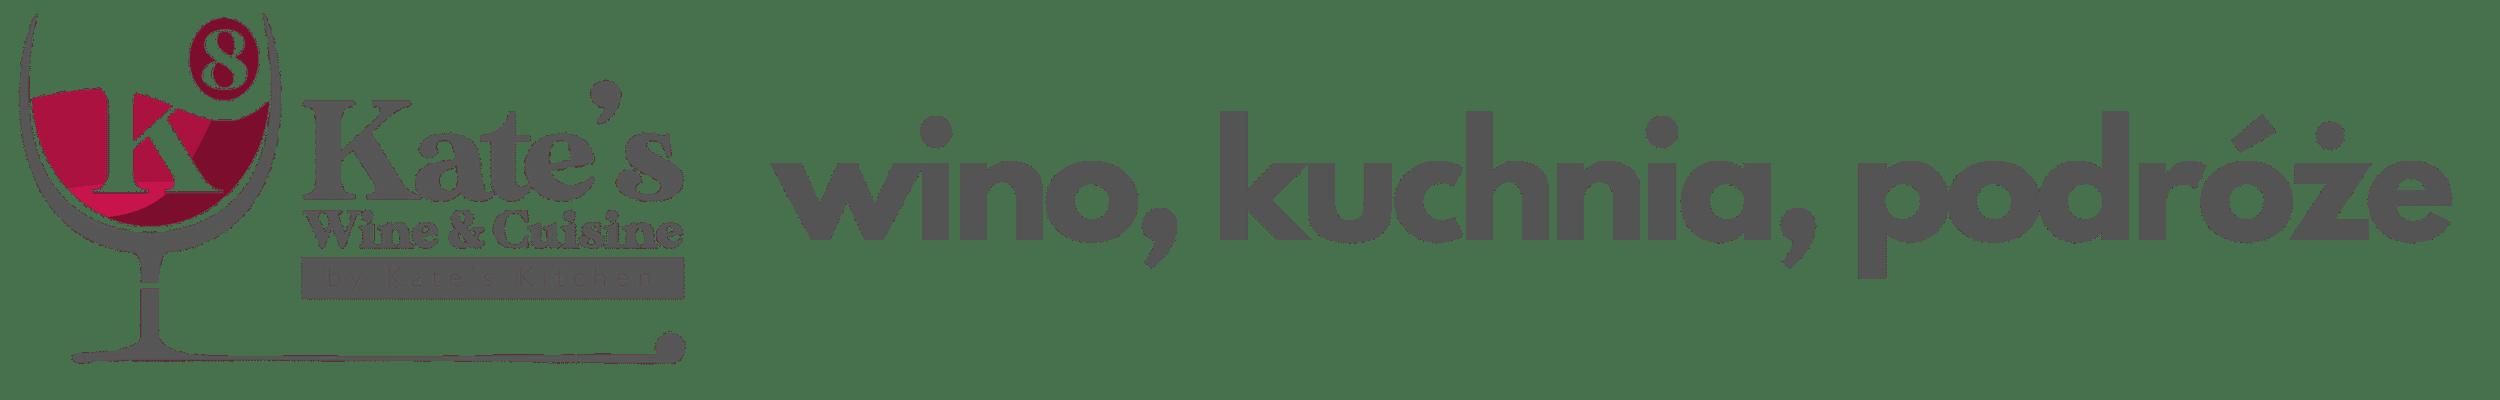 K8K.pl – wino, kuchnia, podróże